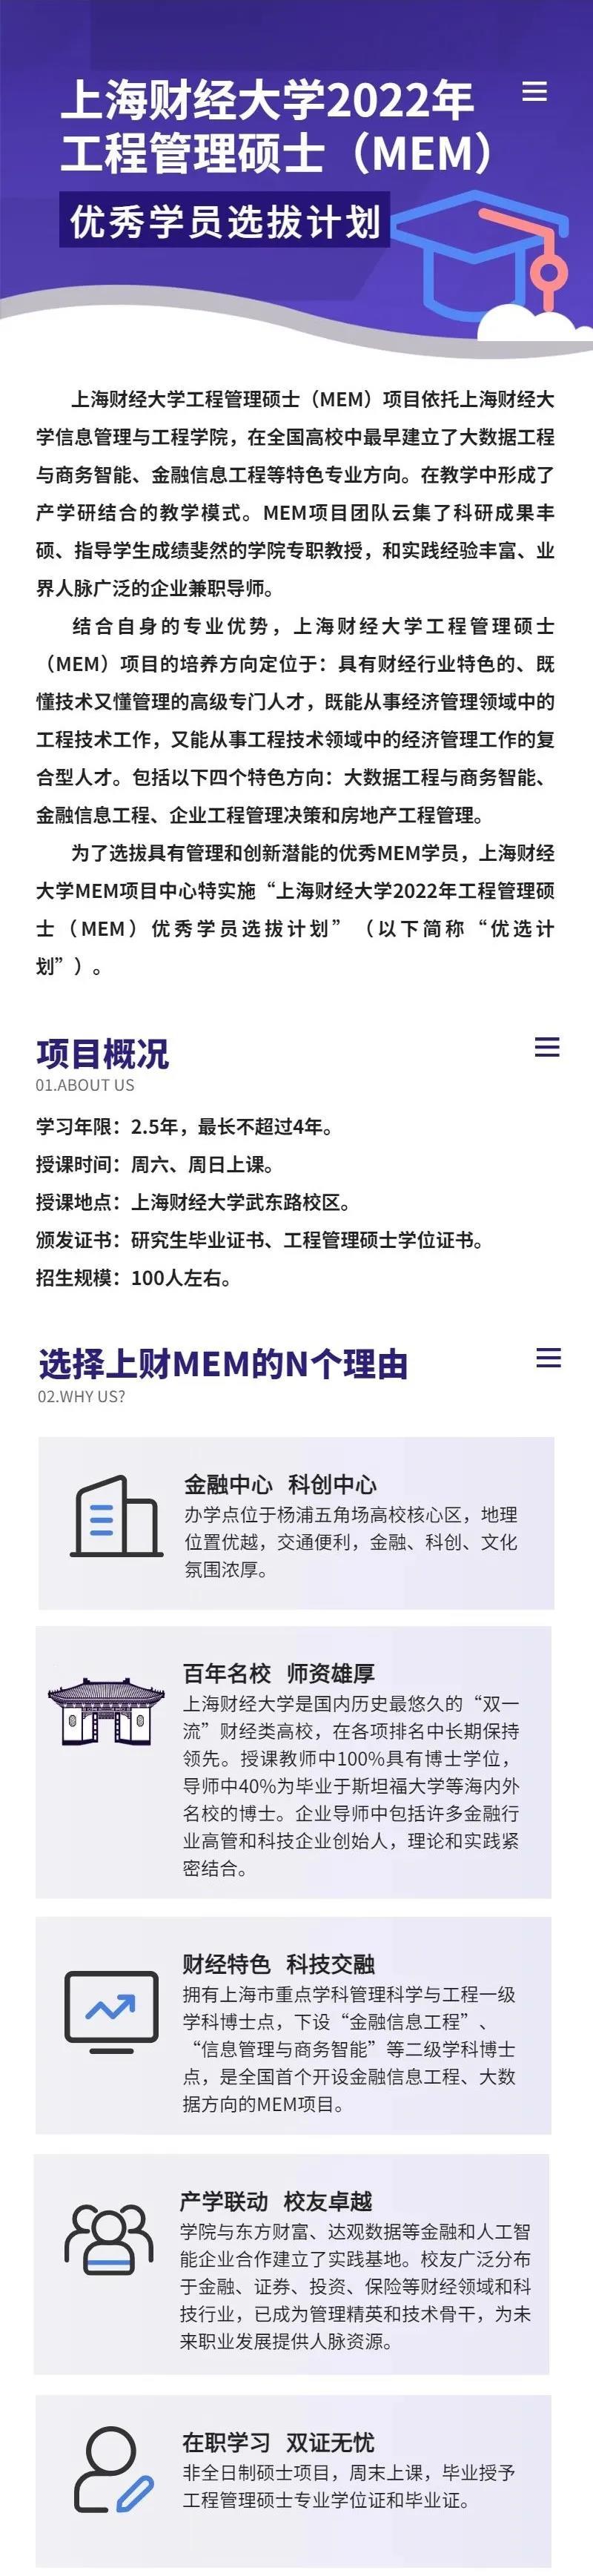 2022年上海财经大学MEM(工程管理硕士)提起面试流程